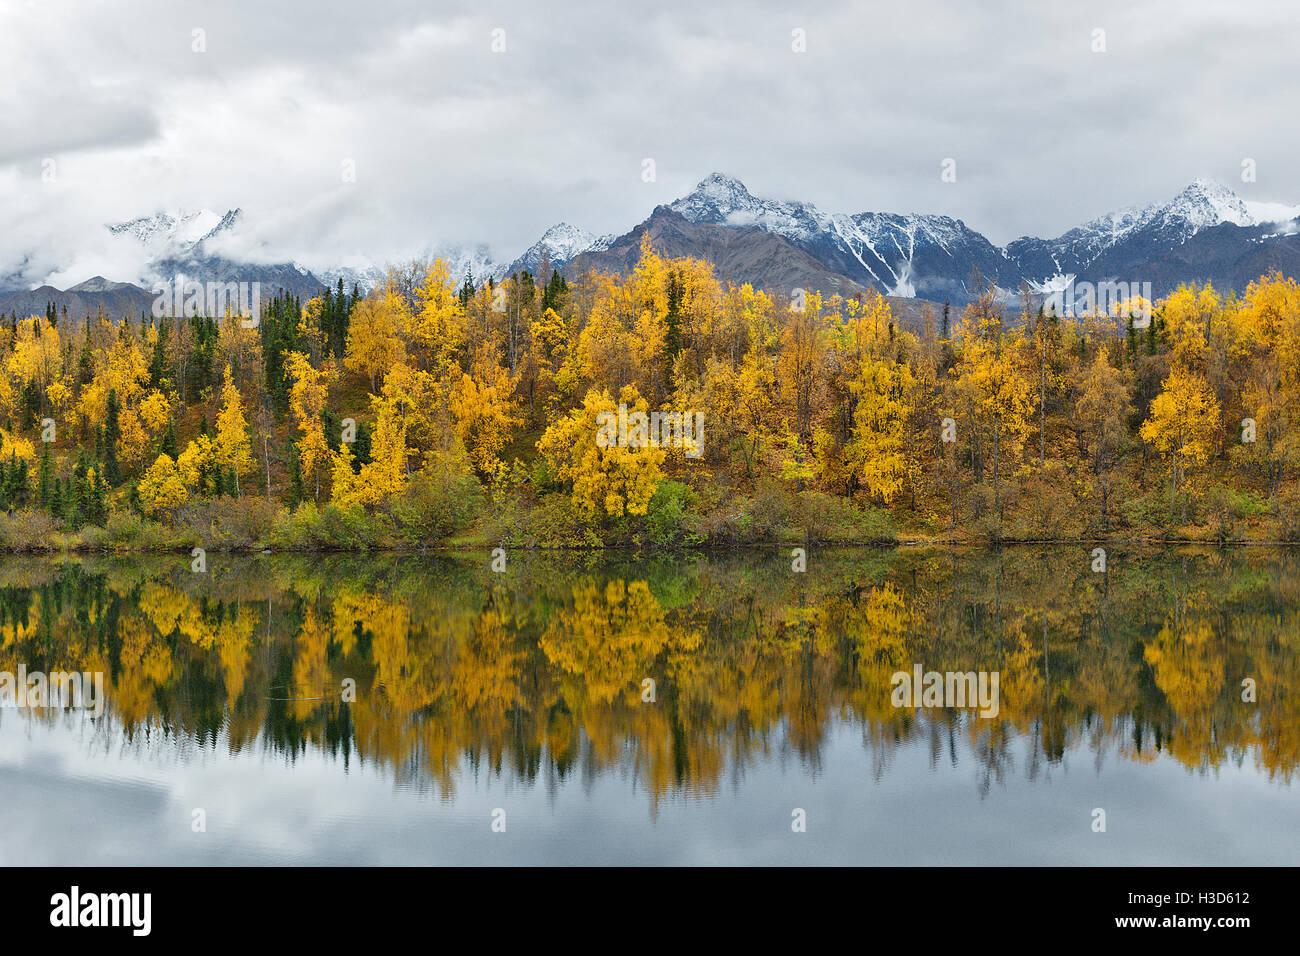 Colores de otoño del bosque boreal reflejada en un lago, Alaska, EE.UU. Imagen De Stock